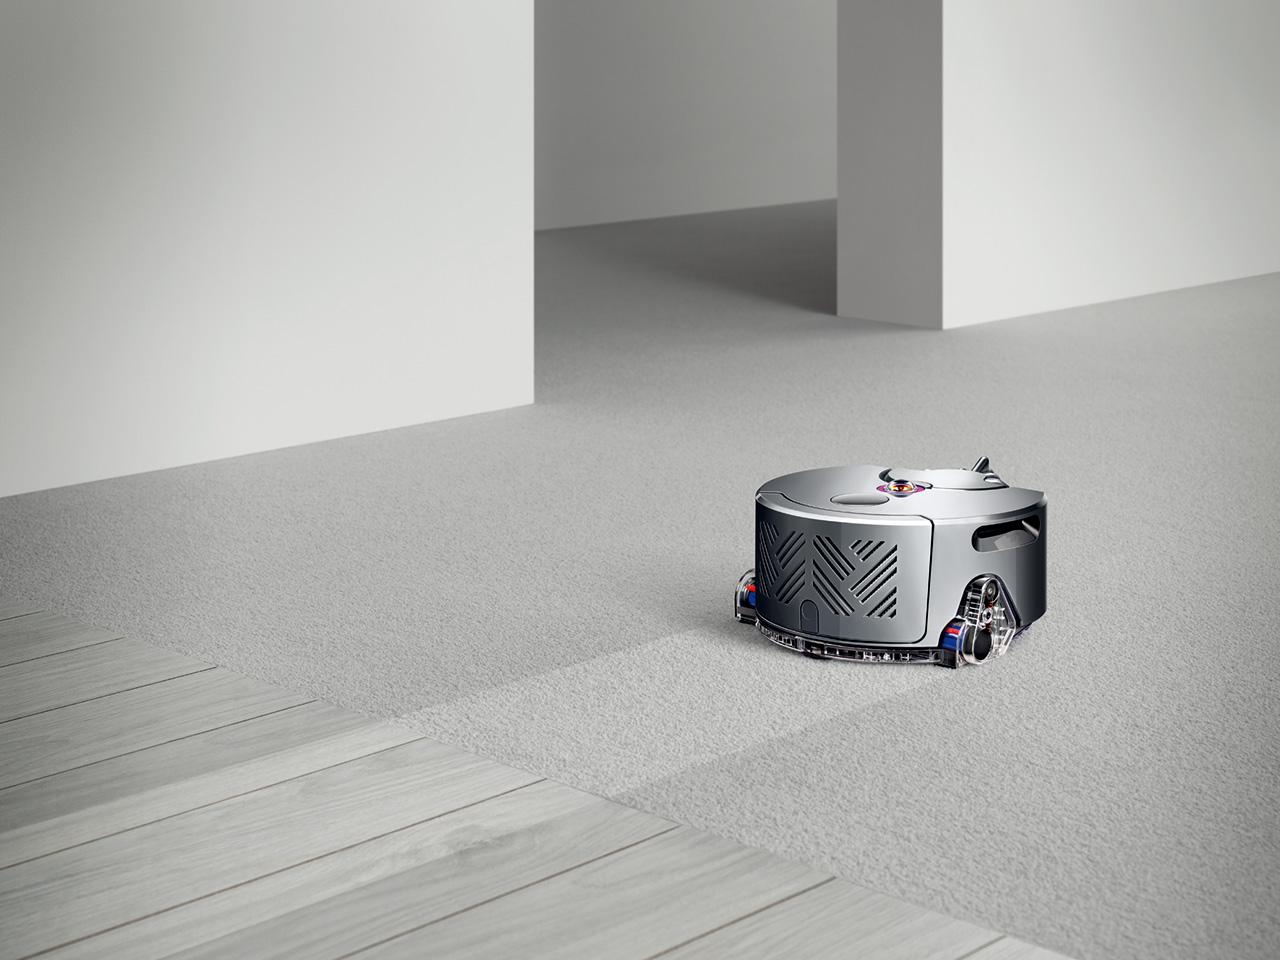 ダイソン・ロボット掃除機_使用イメージ